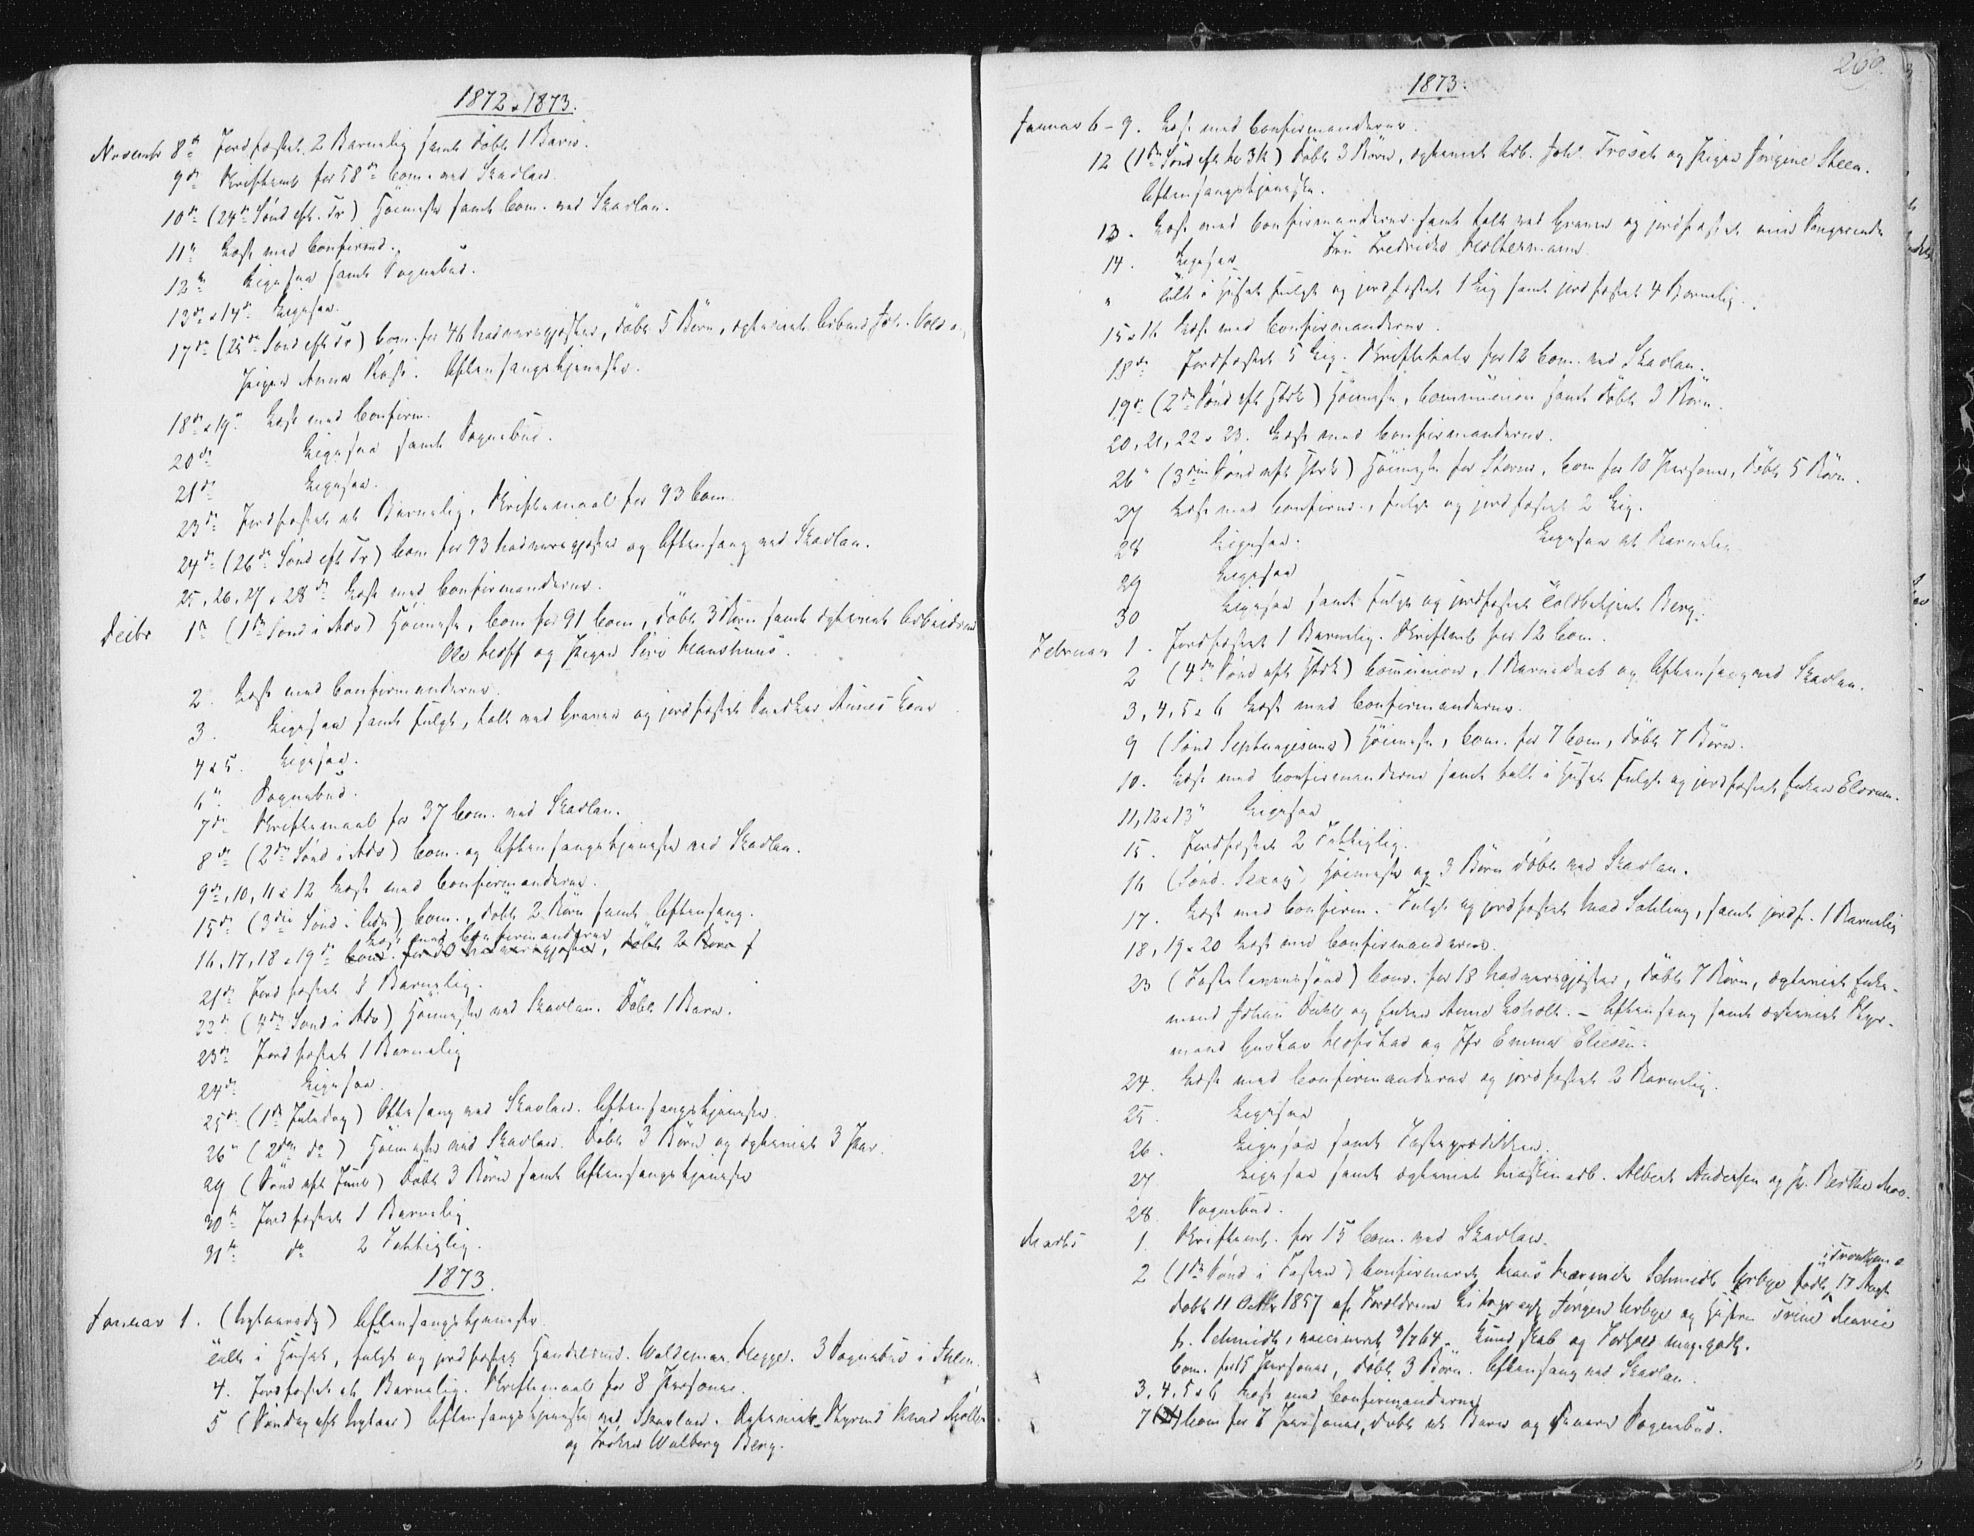 SAT, Ministerialprotokoller, klokkerbøker og fødselsregistre - Sør-Trøndelag, 602/L0127: Residerende kapellans bok nr. 602B01, 1821-1875, s. 269